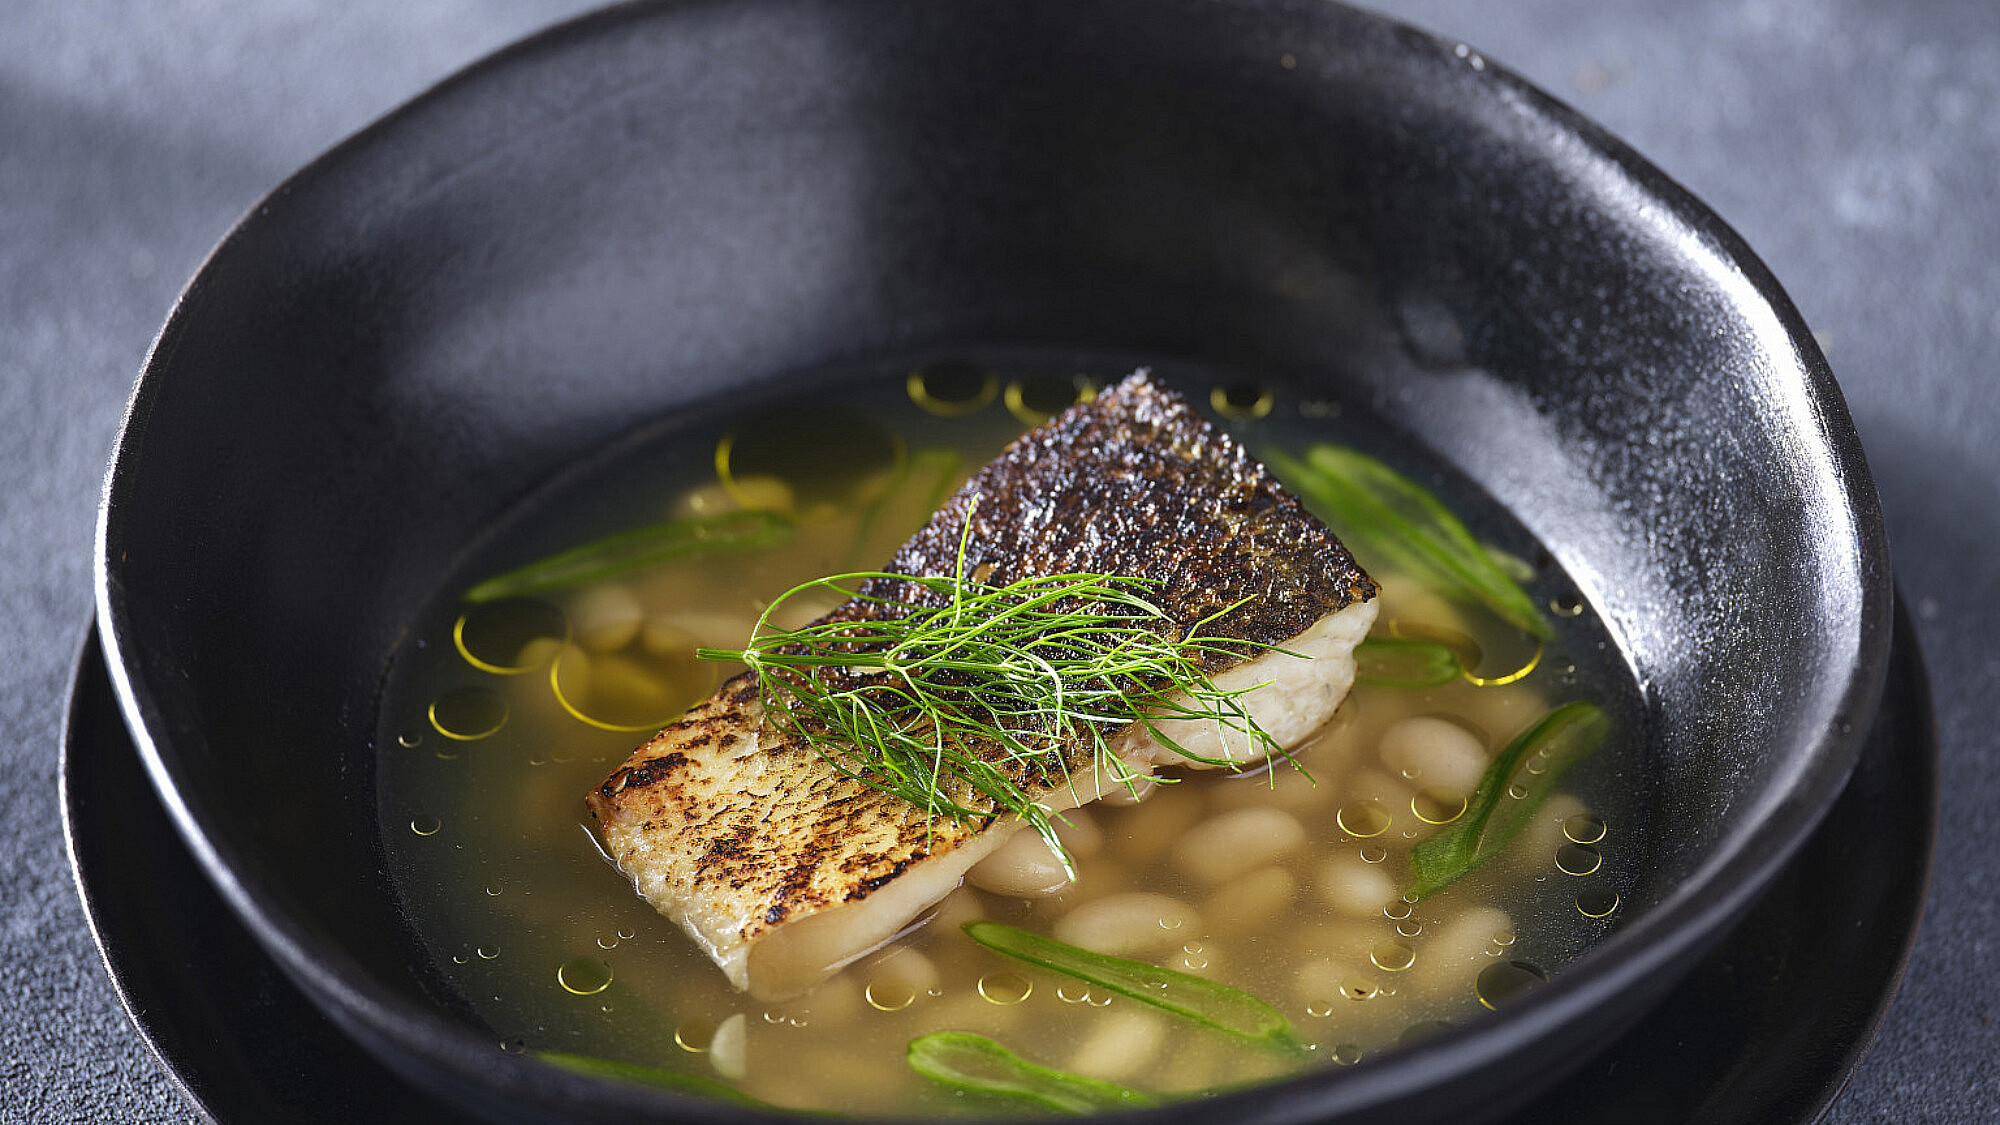 דג בגריל, בציר עצמות מעושנות ושעועית של גל בן משה. צילום: אנטולי מיכאלו. כלים: סטודיו עדי ניסני.